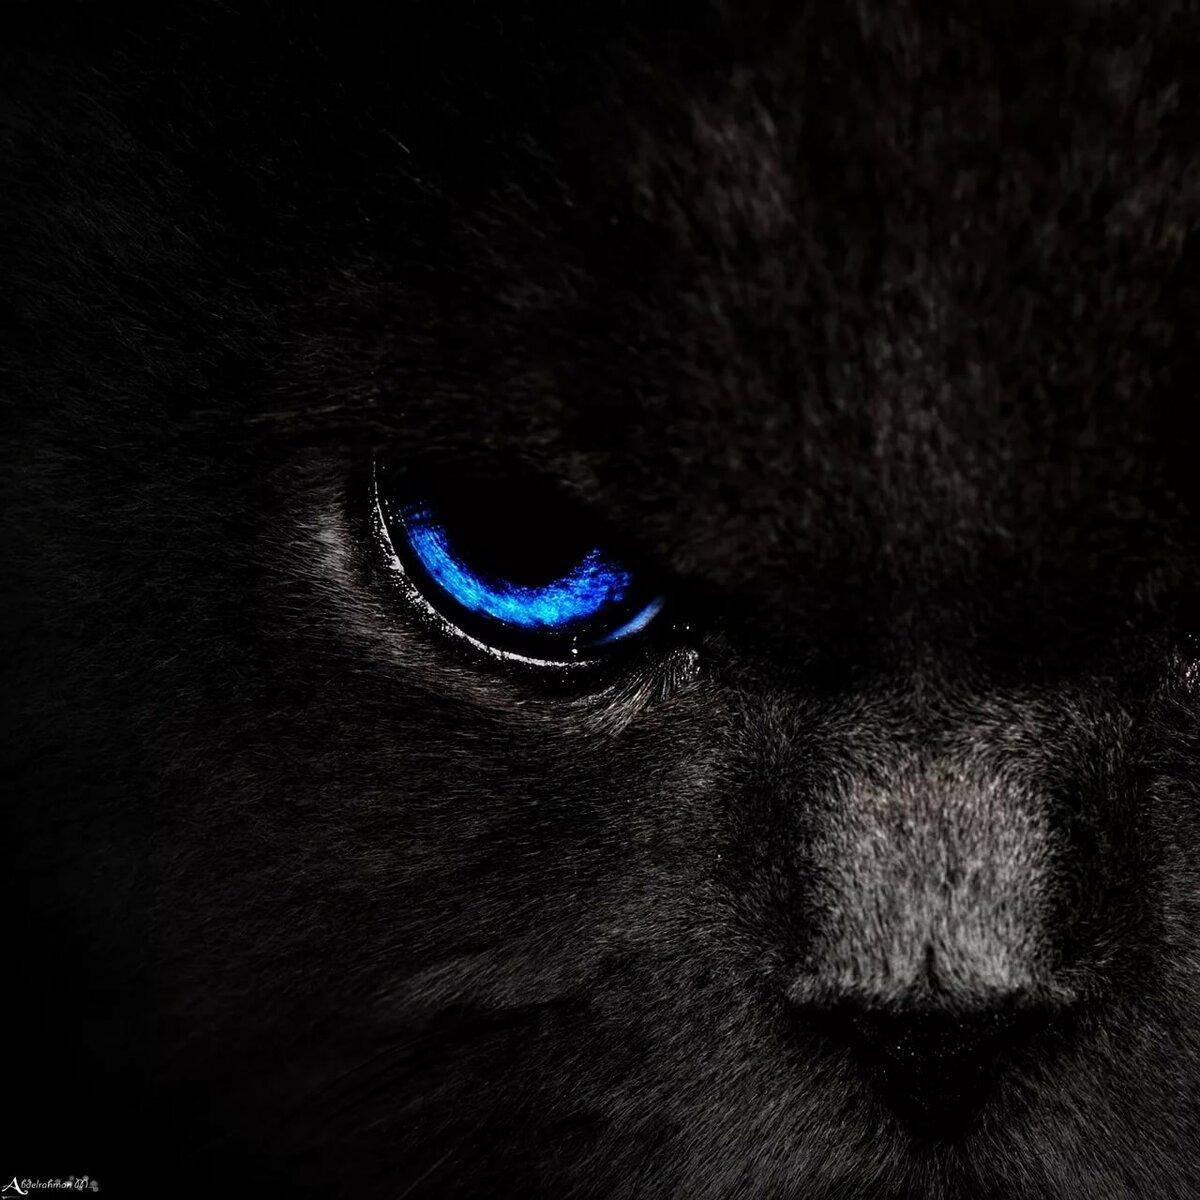 картинка глаза пантеры с голубыми глазами фотограф